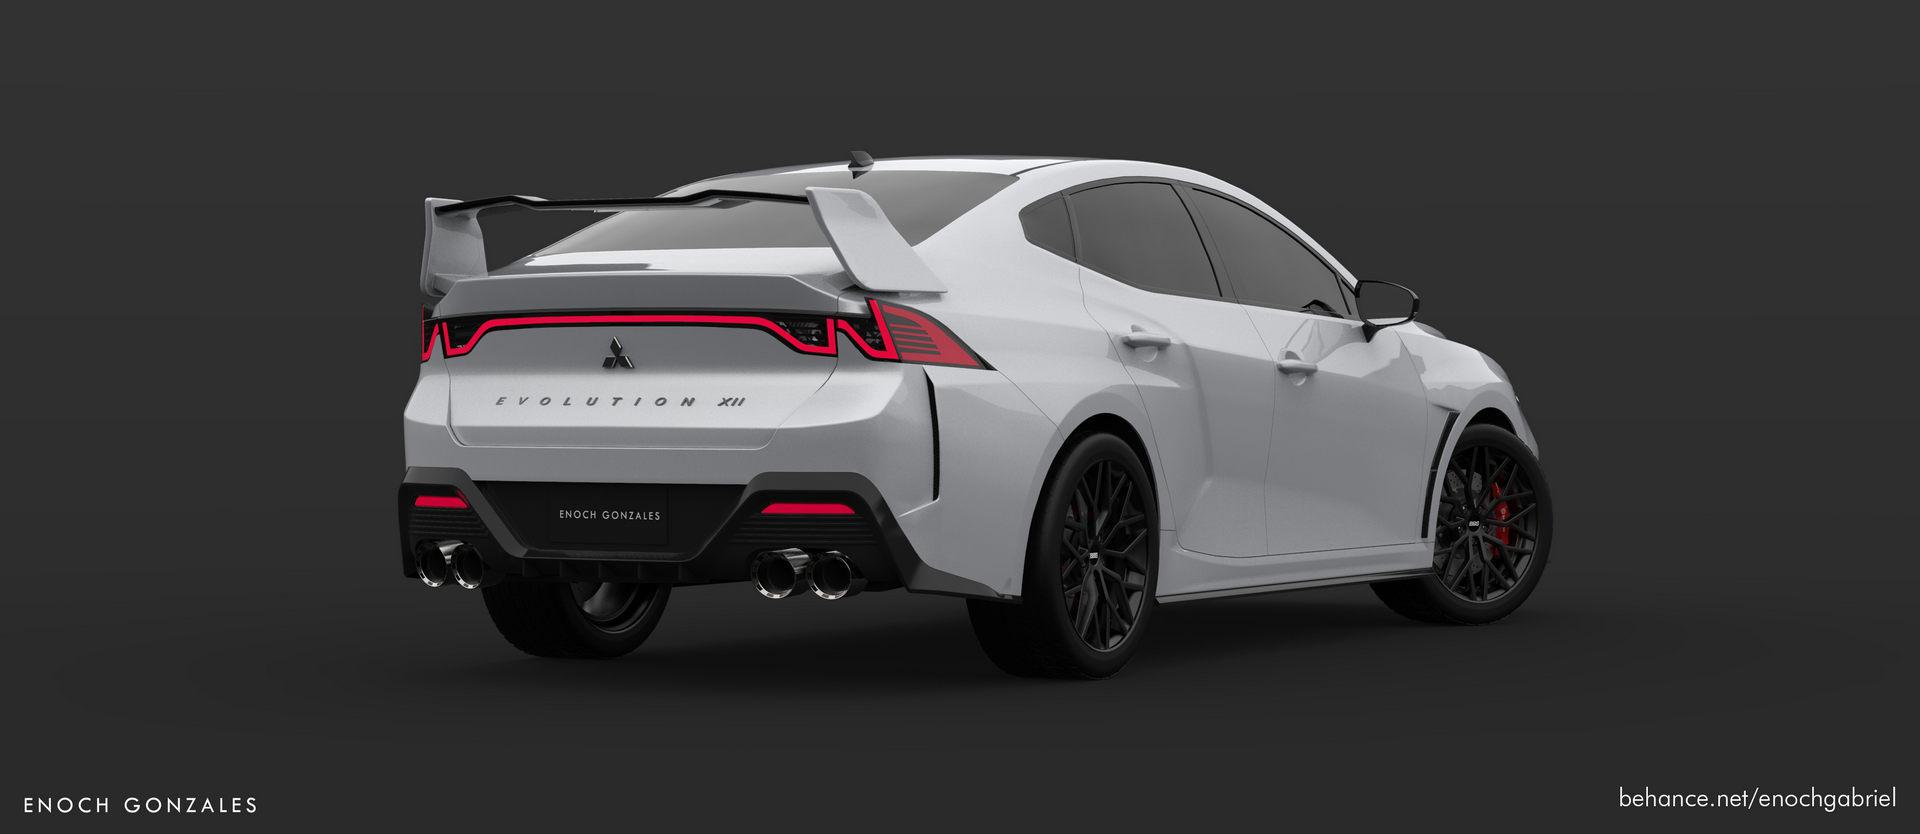 Mitsubishi-Lancer-Evo-XII-renderings-26